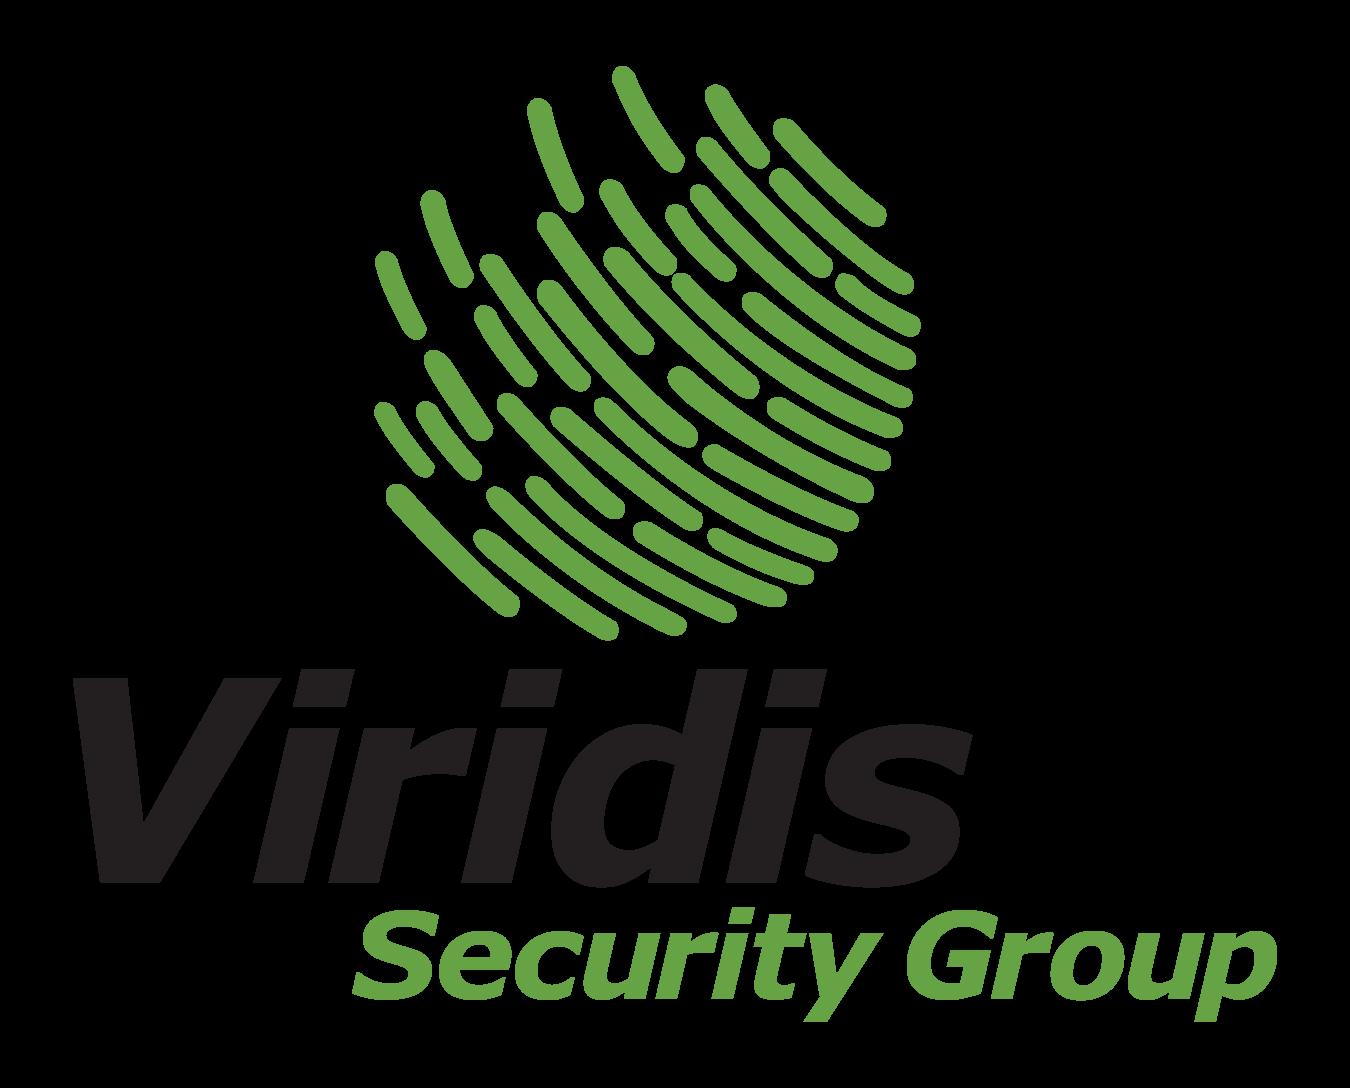 viridis-security-group-logo.png